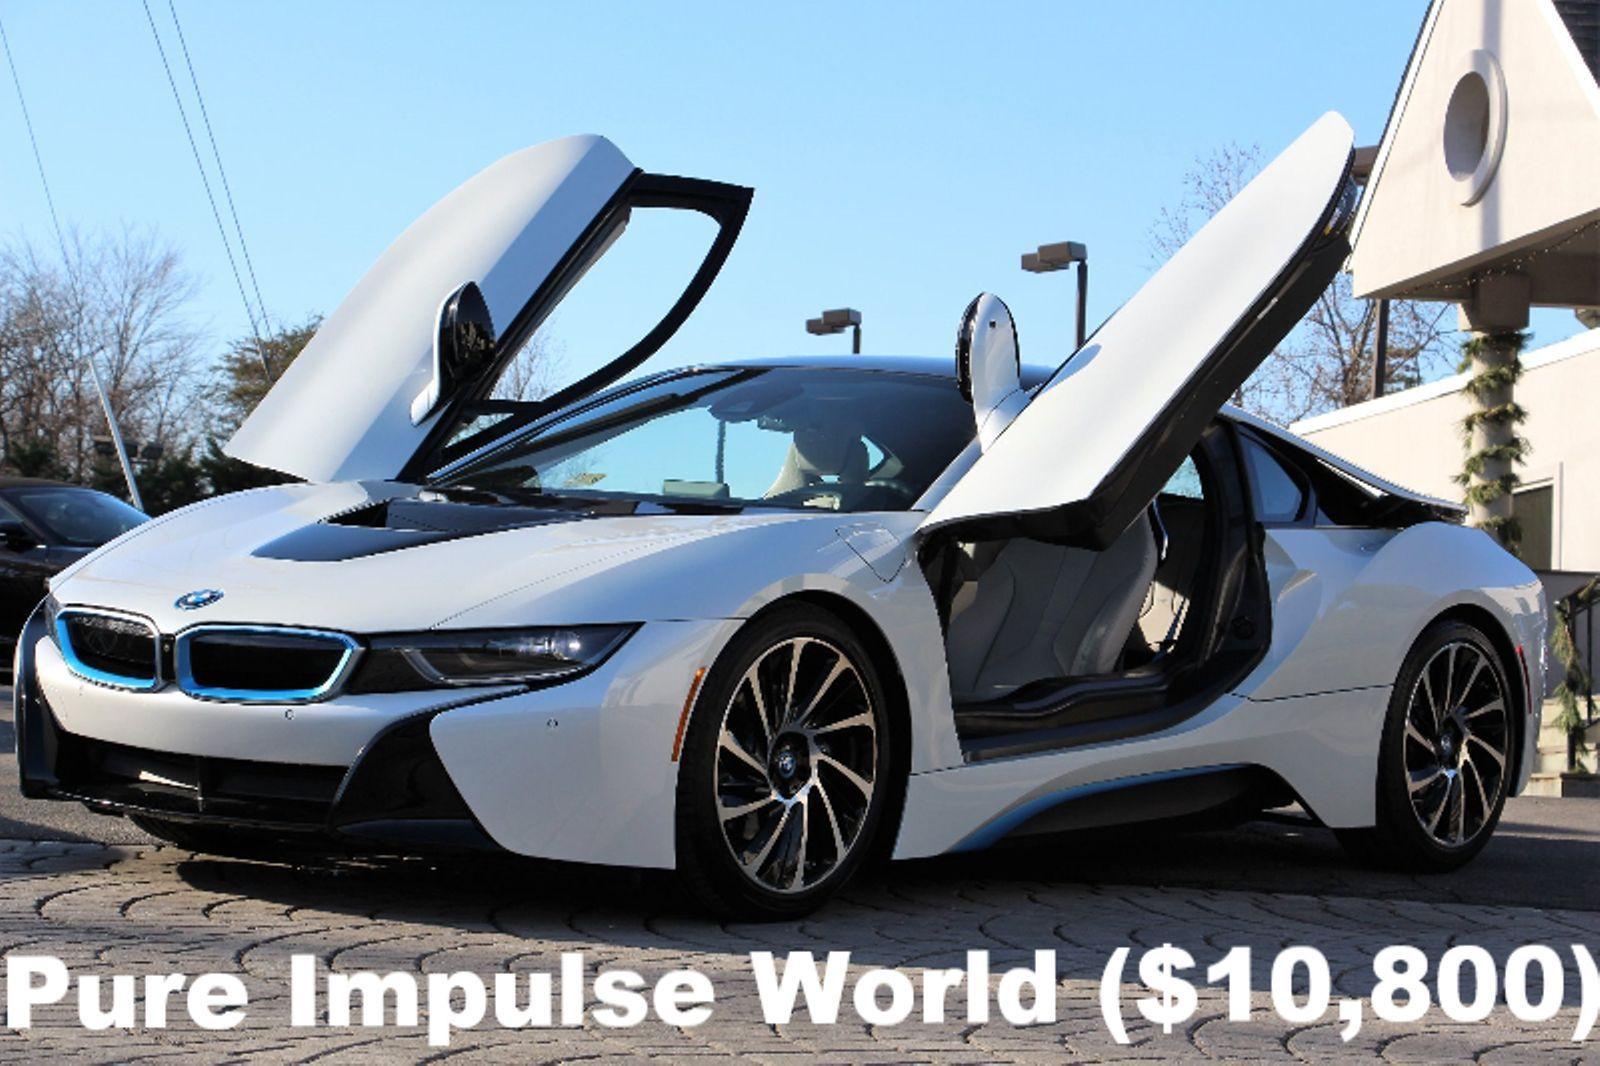 Awesome 2014 Bmw I8 Pure Impulse World 2014 Pure Impulse World